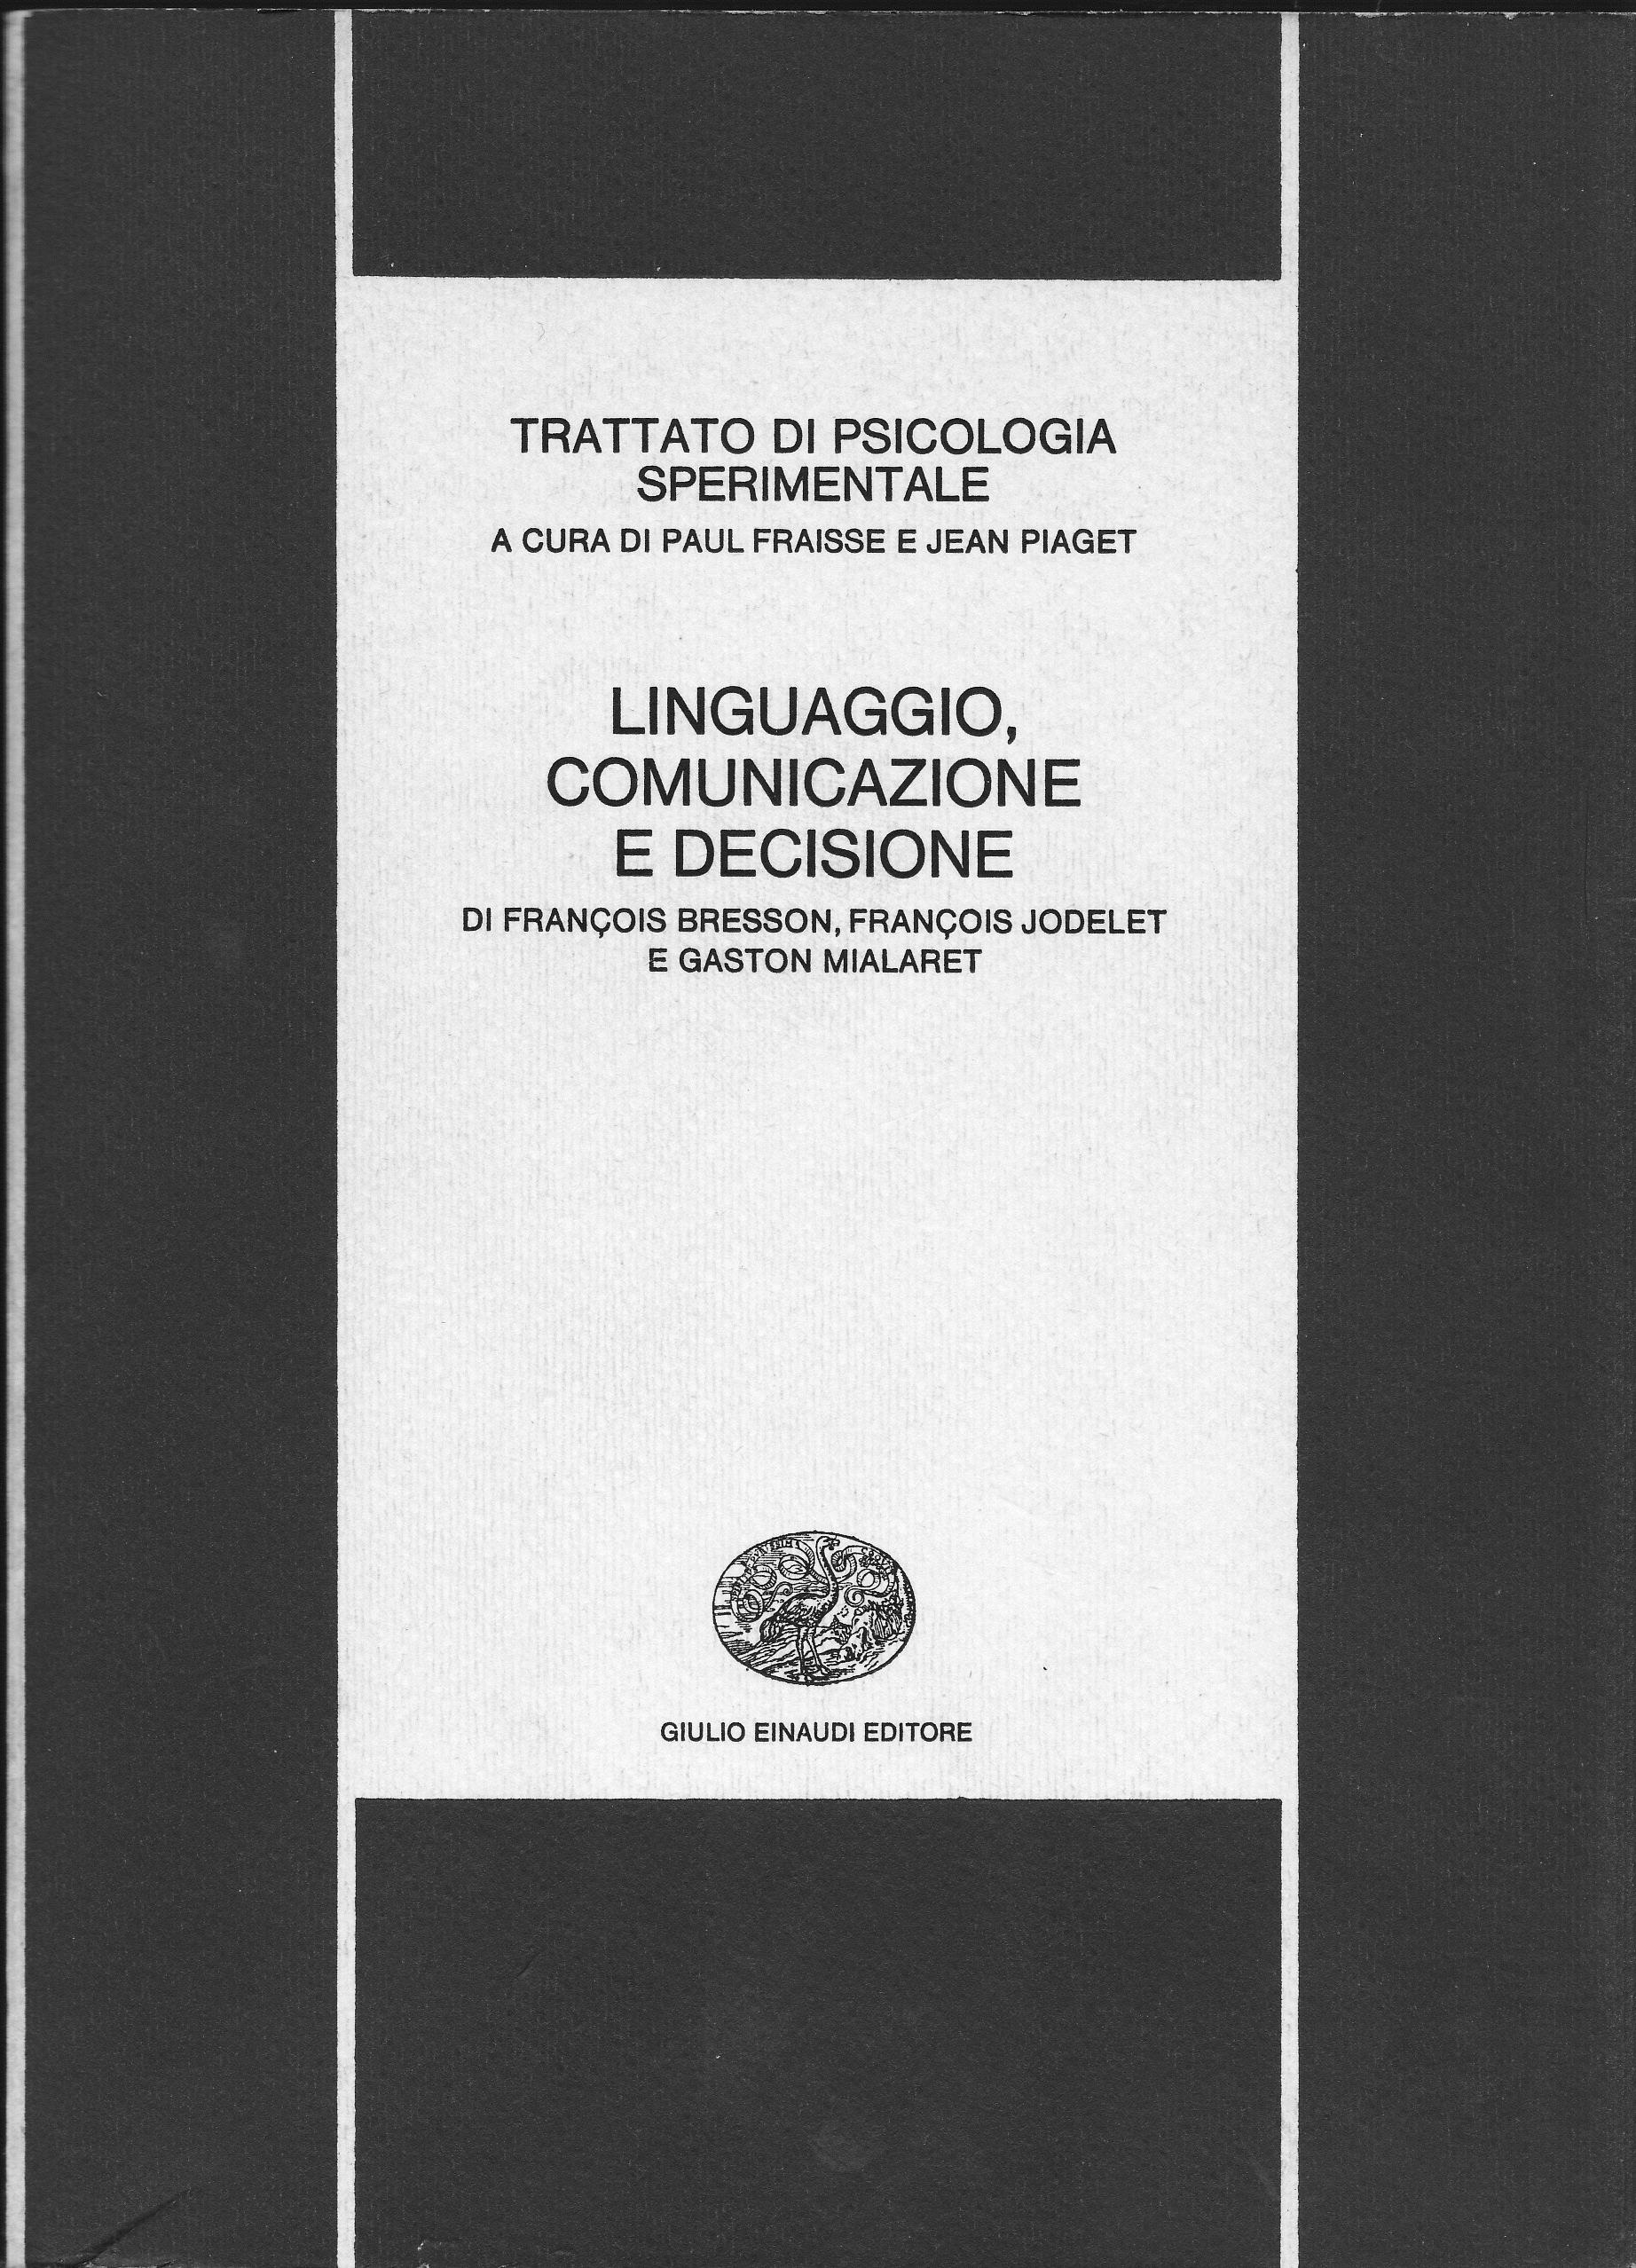 Trattato di psicologia sperimentale